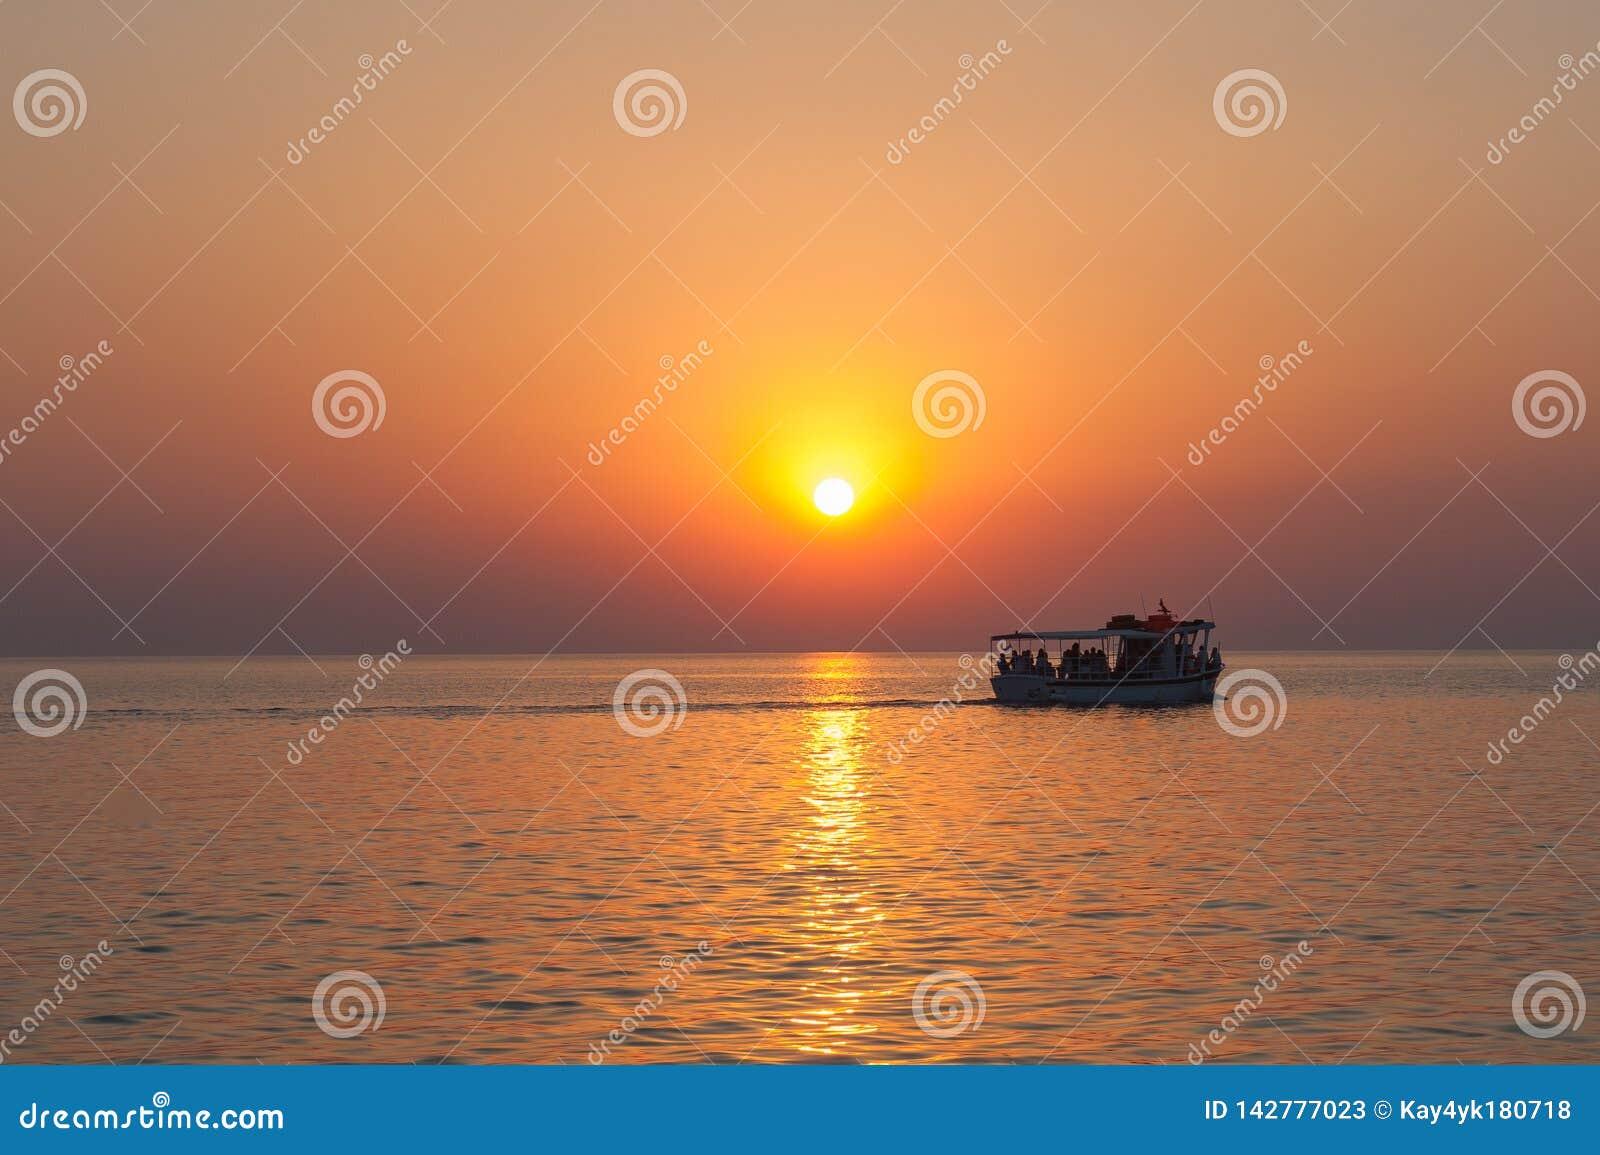 Iate, barco, barco no horizonte e a silhueta de um por do sol bonito, por do sol quente Costela Luminosa do navio de cruzeiros